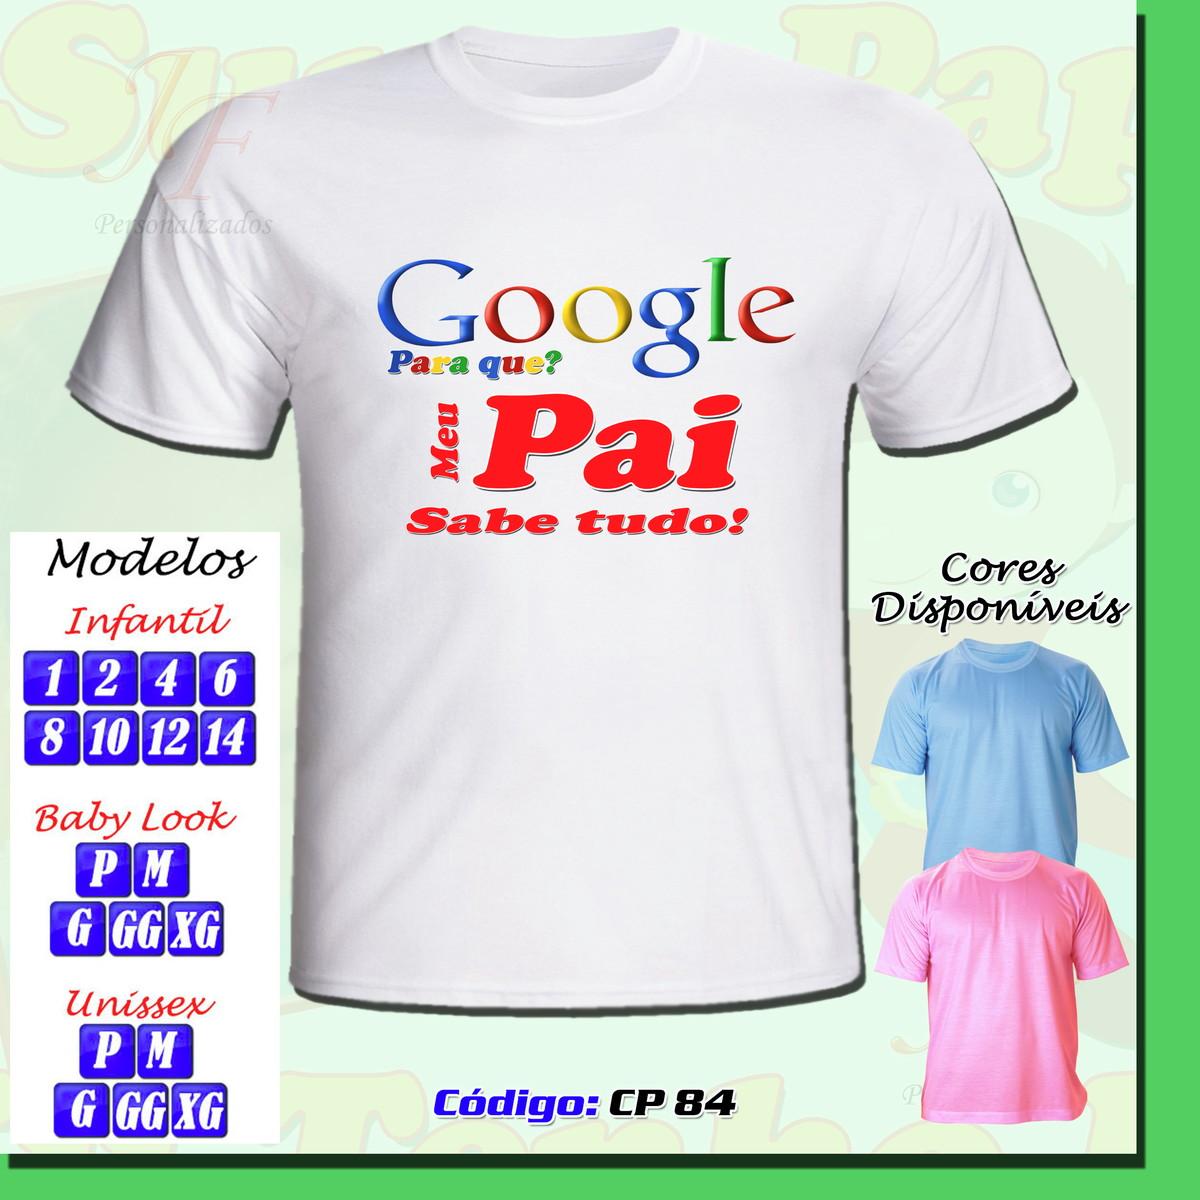 ac0f1666d 01 Camiseta Adulto Infantil Personalizada Dia dos Pais no Elo7 ...